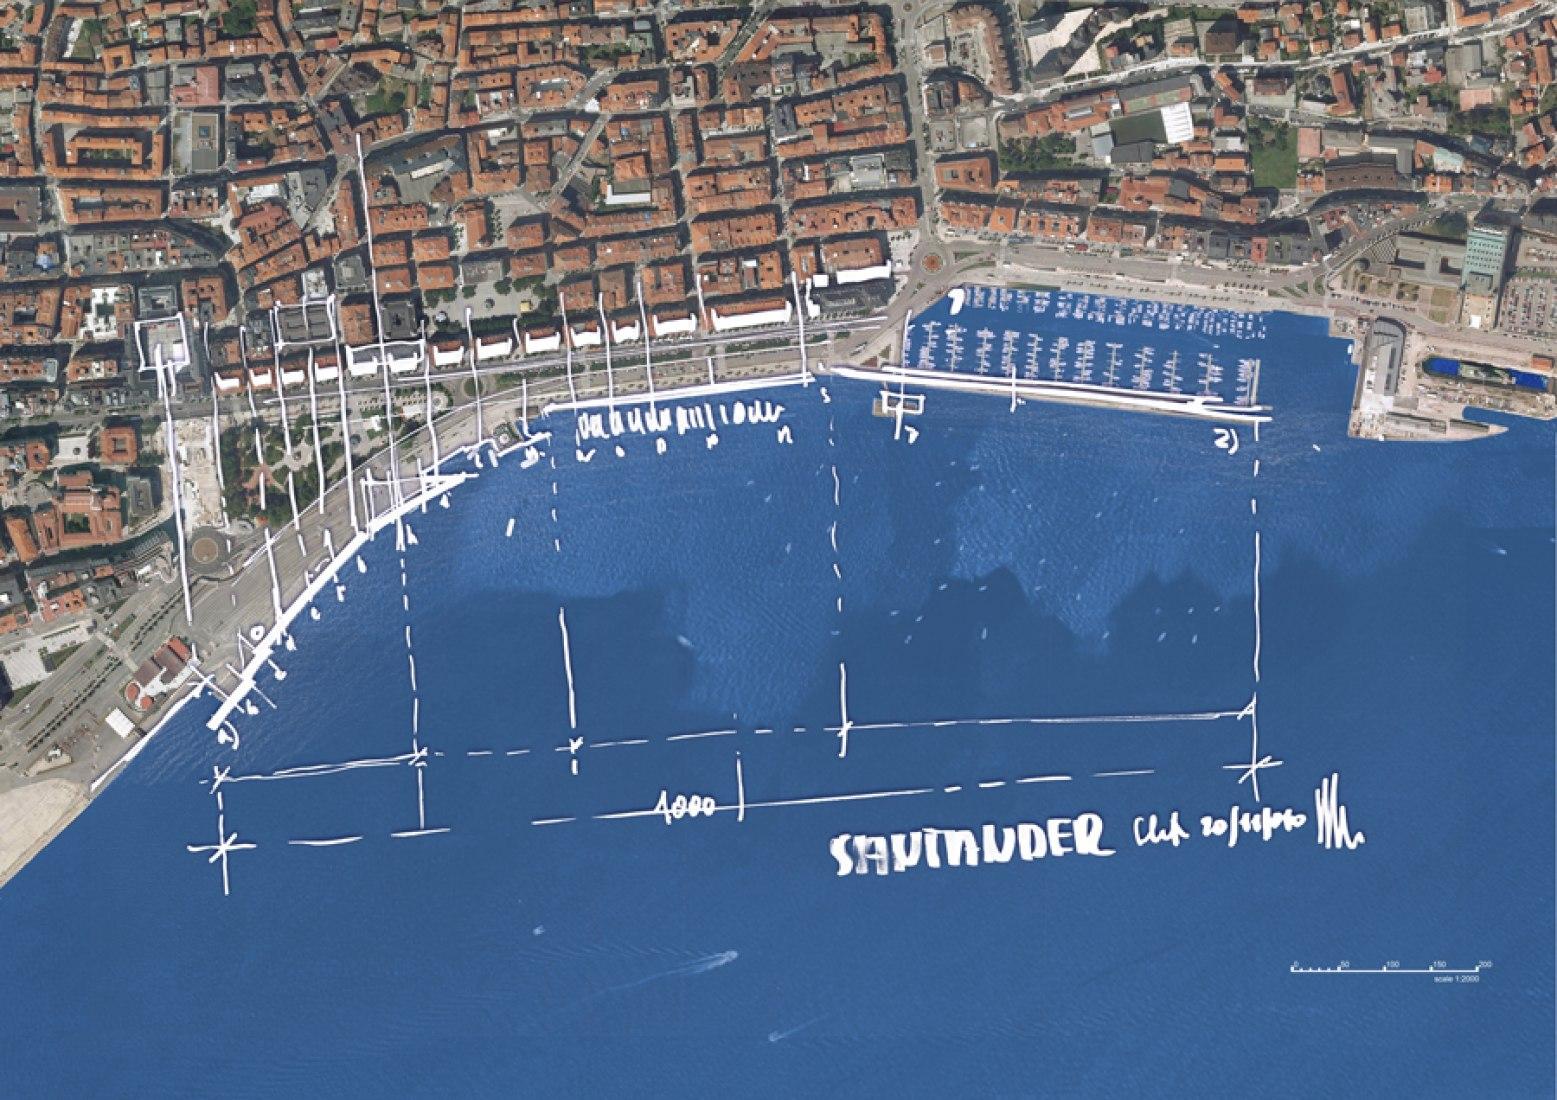 Croquís de Renzo Piano sobre foto. Centro de Arte Botín. Renzo Piano. Santander.